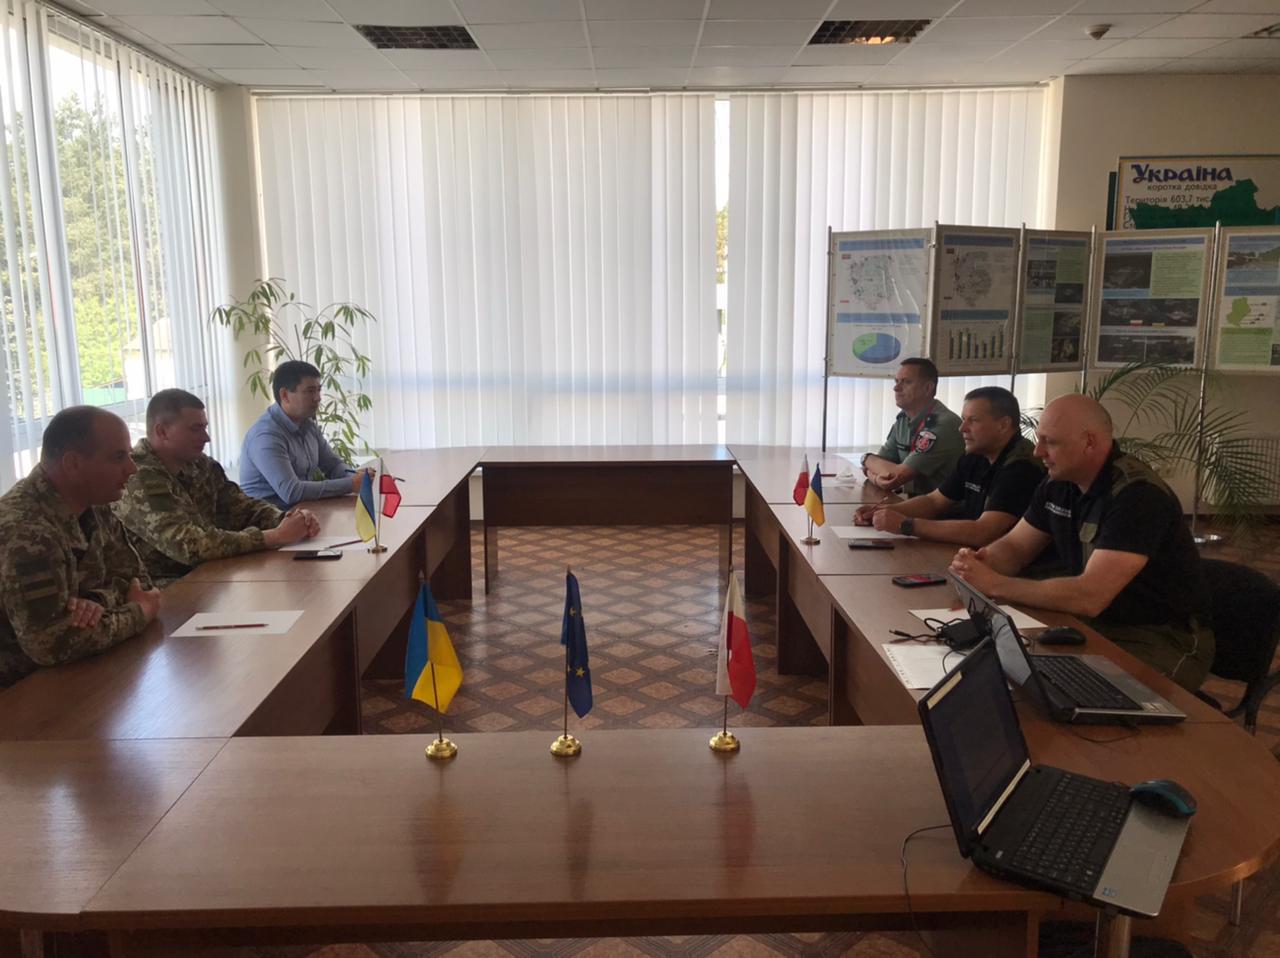 Для пришвидшення контрольних операції прикордонники та митники України зустрілись з колегами з Польщі